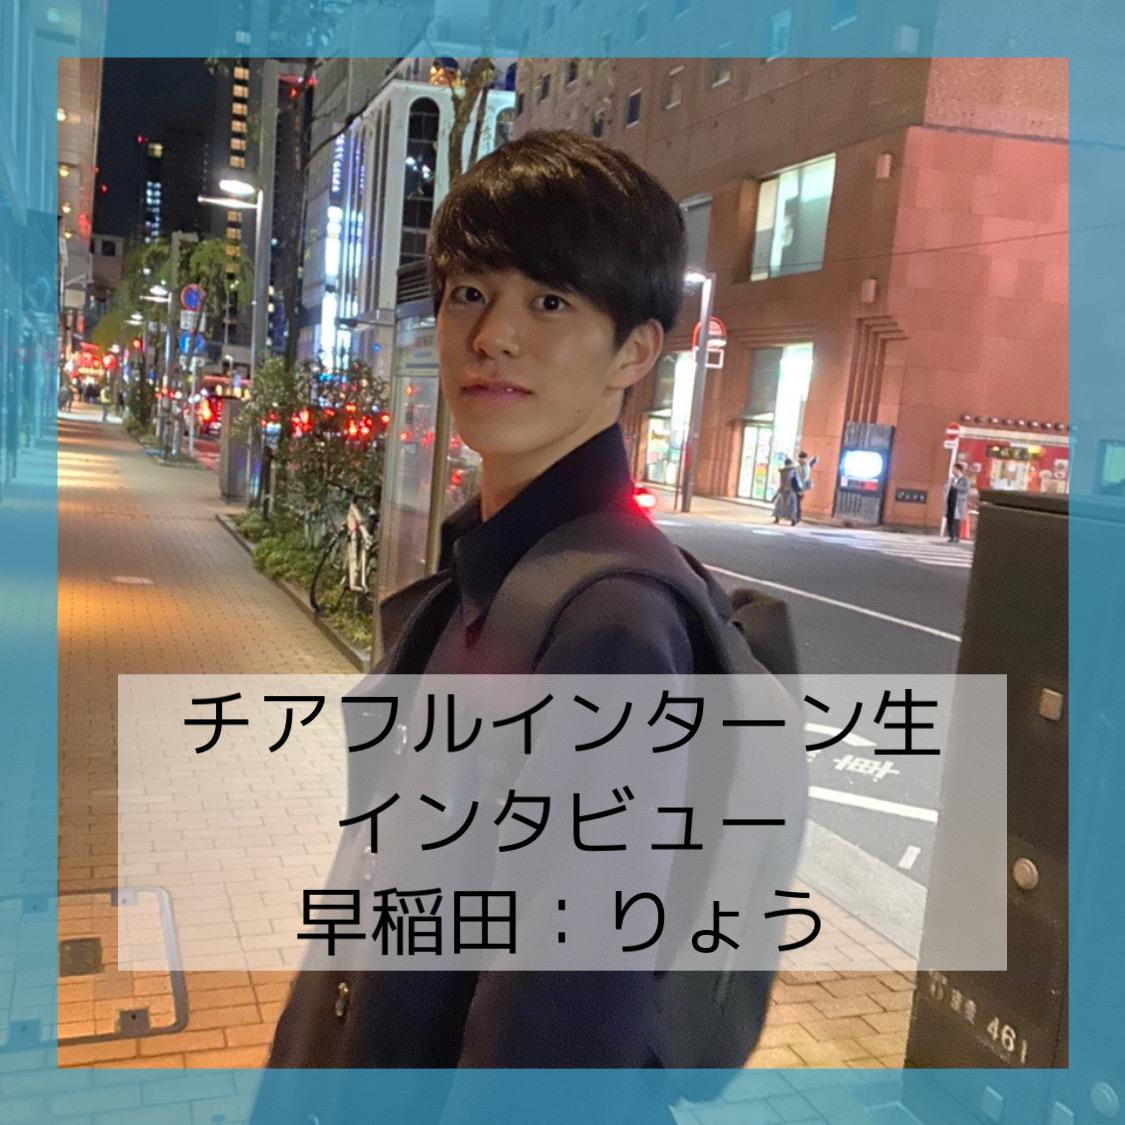 【東京22卒:早稲田大学】とにかくアツイところが魅力です!